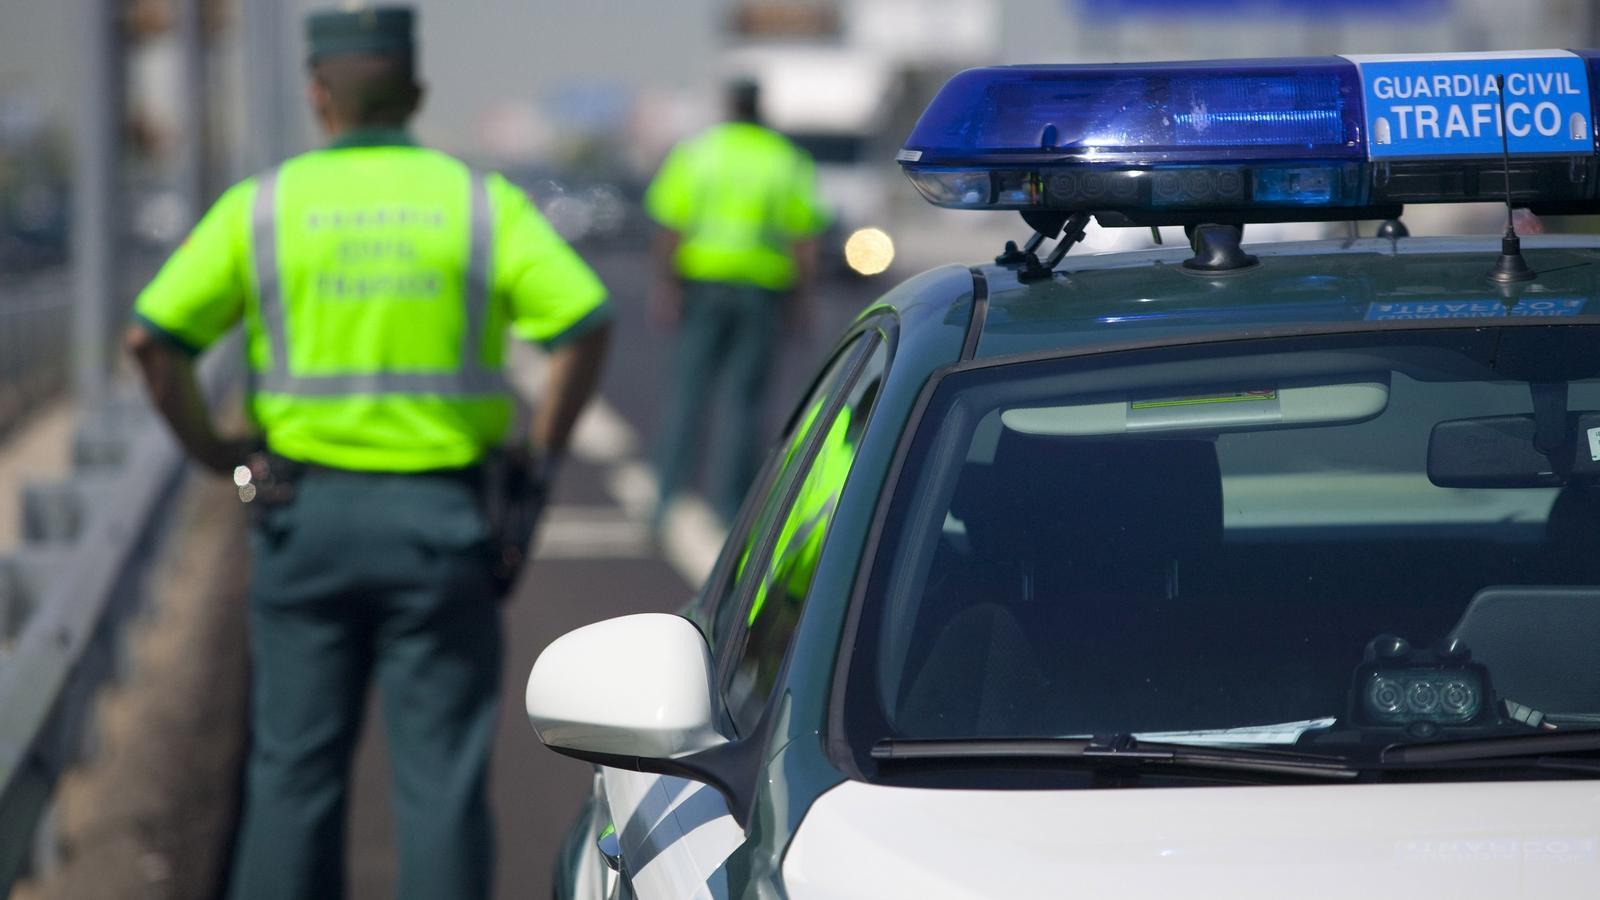 Una patrulla de la Guàrdia Civil. / ARA ANDORRA